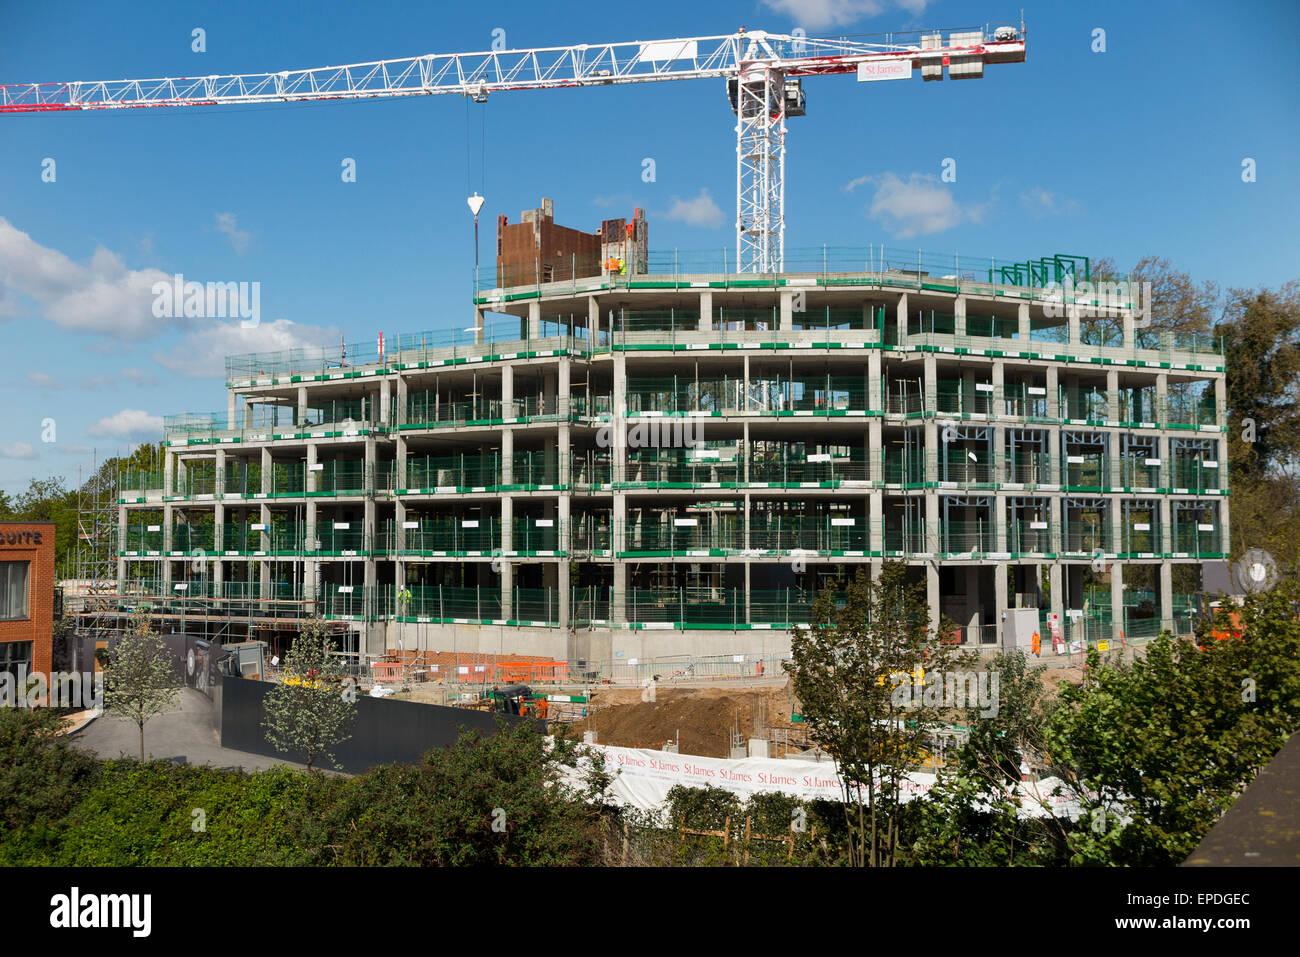 Bau-Website & außen teilweise gebauten Wohnblocks / Neubau ...